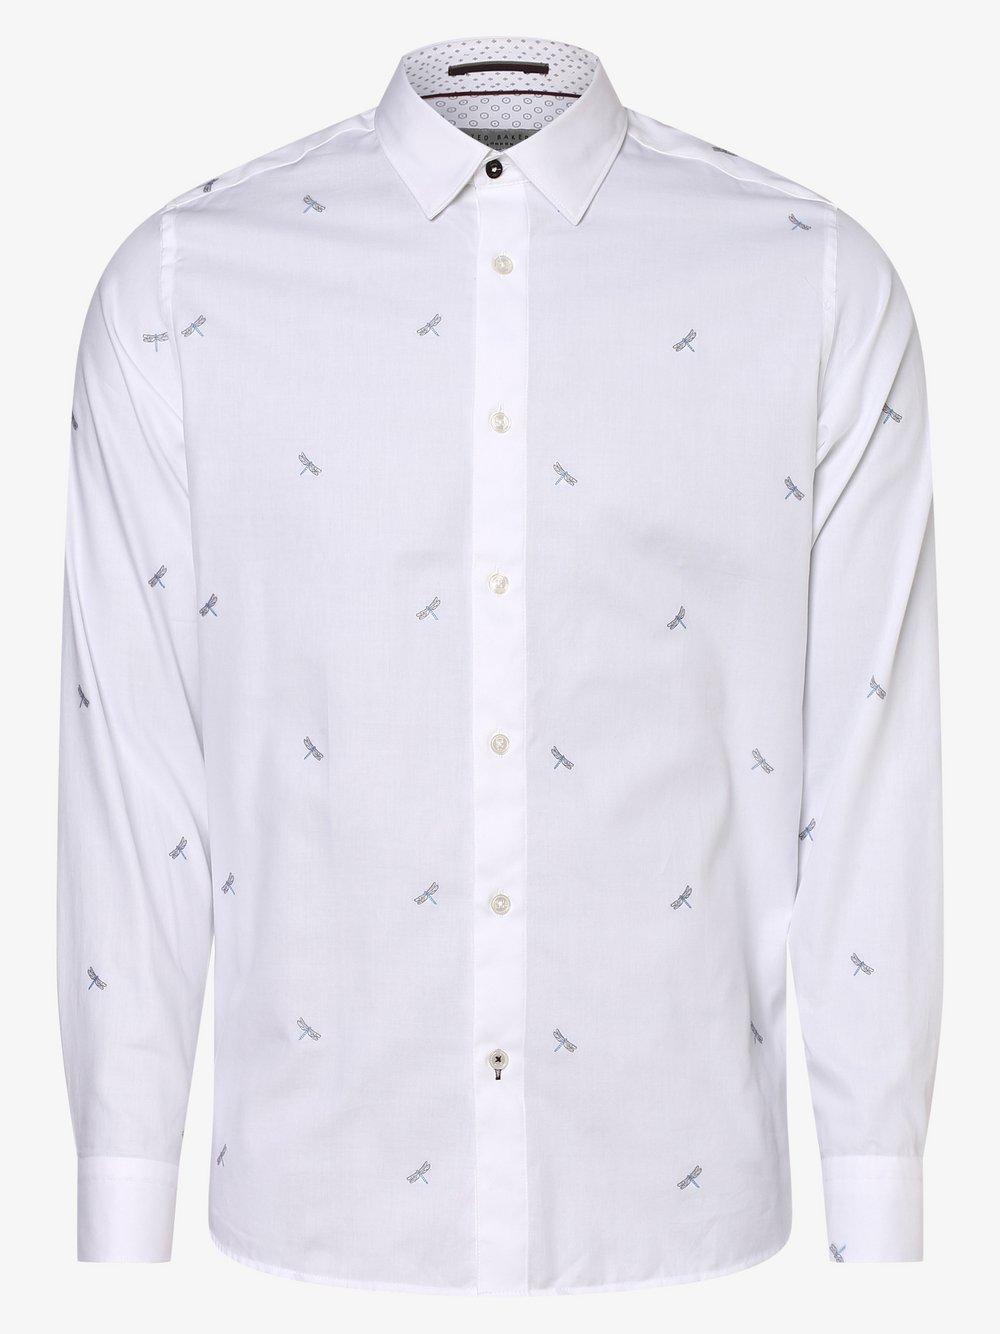 Ted Baker – Koszula męska – Nowhy, biały Van Graaf 456191-0001-09990